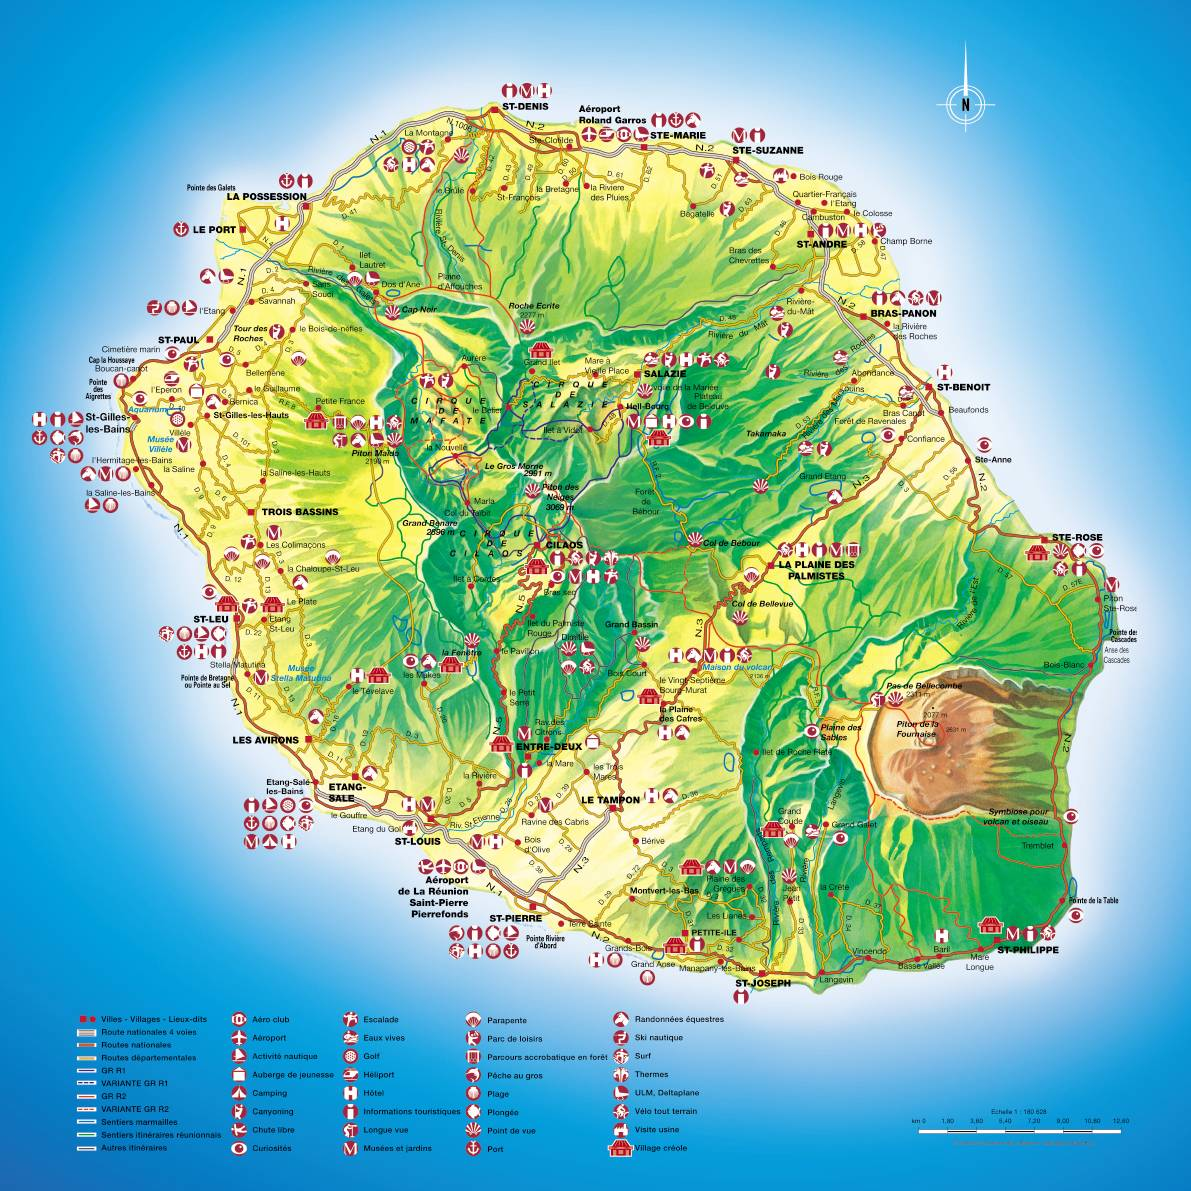 Mapa de la isla de La Reunión, la Francia del Índico, patrimonio de la Humanidad de la Unesco